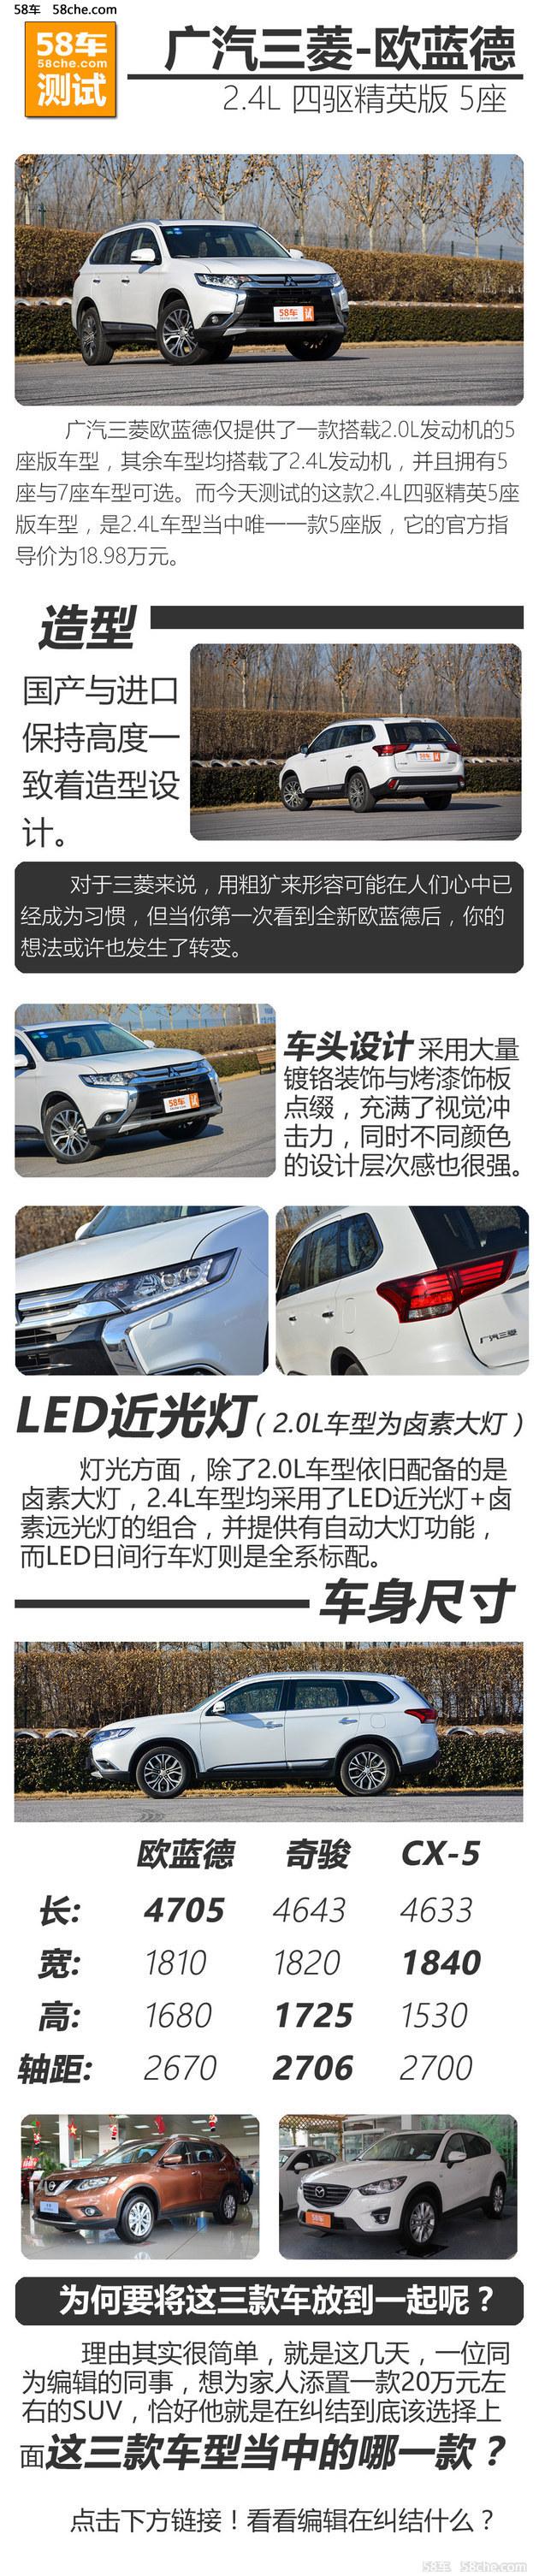 广汽三菱欧蓝德2.4L测试 轻松10秒以内